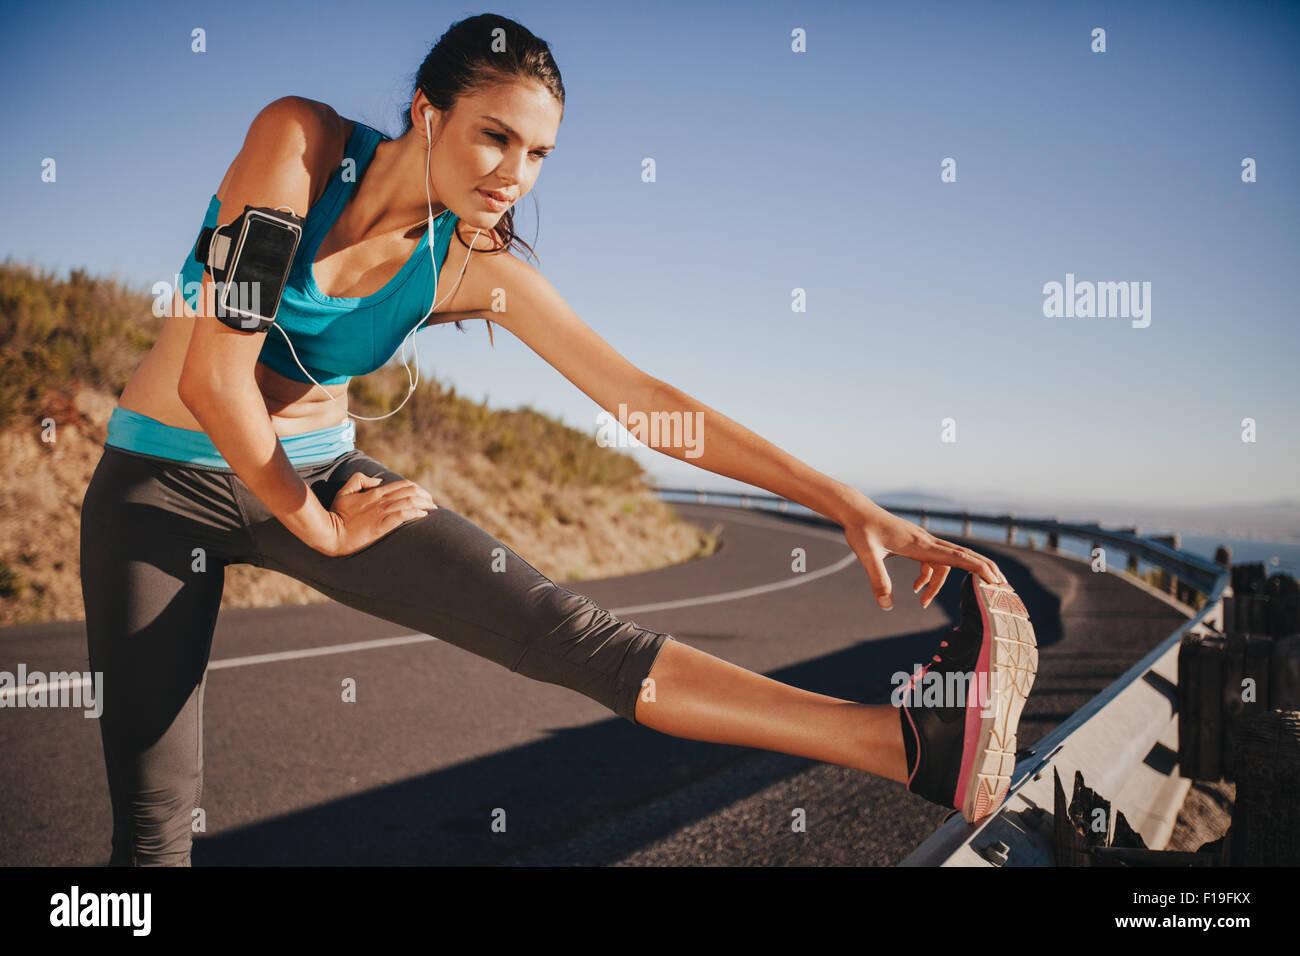 Junge Frau Aufwärmen vor einem Lauf ermittelt. Dehnen ihr Bein auf Straße Geländer Morgen Sportlerin. Stockbild